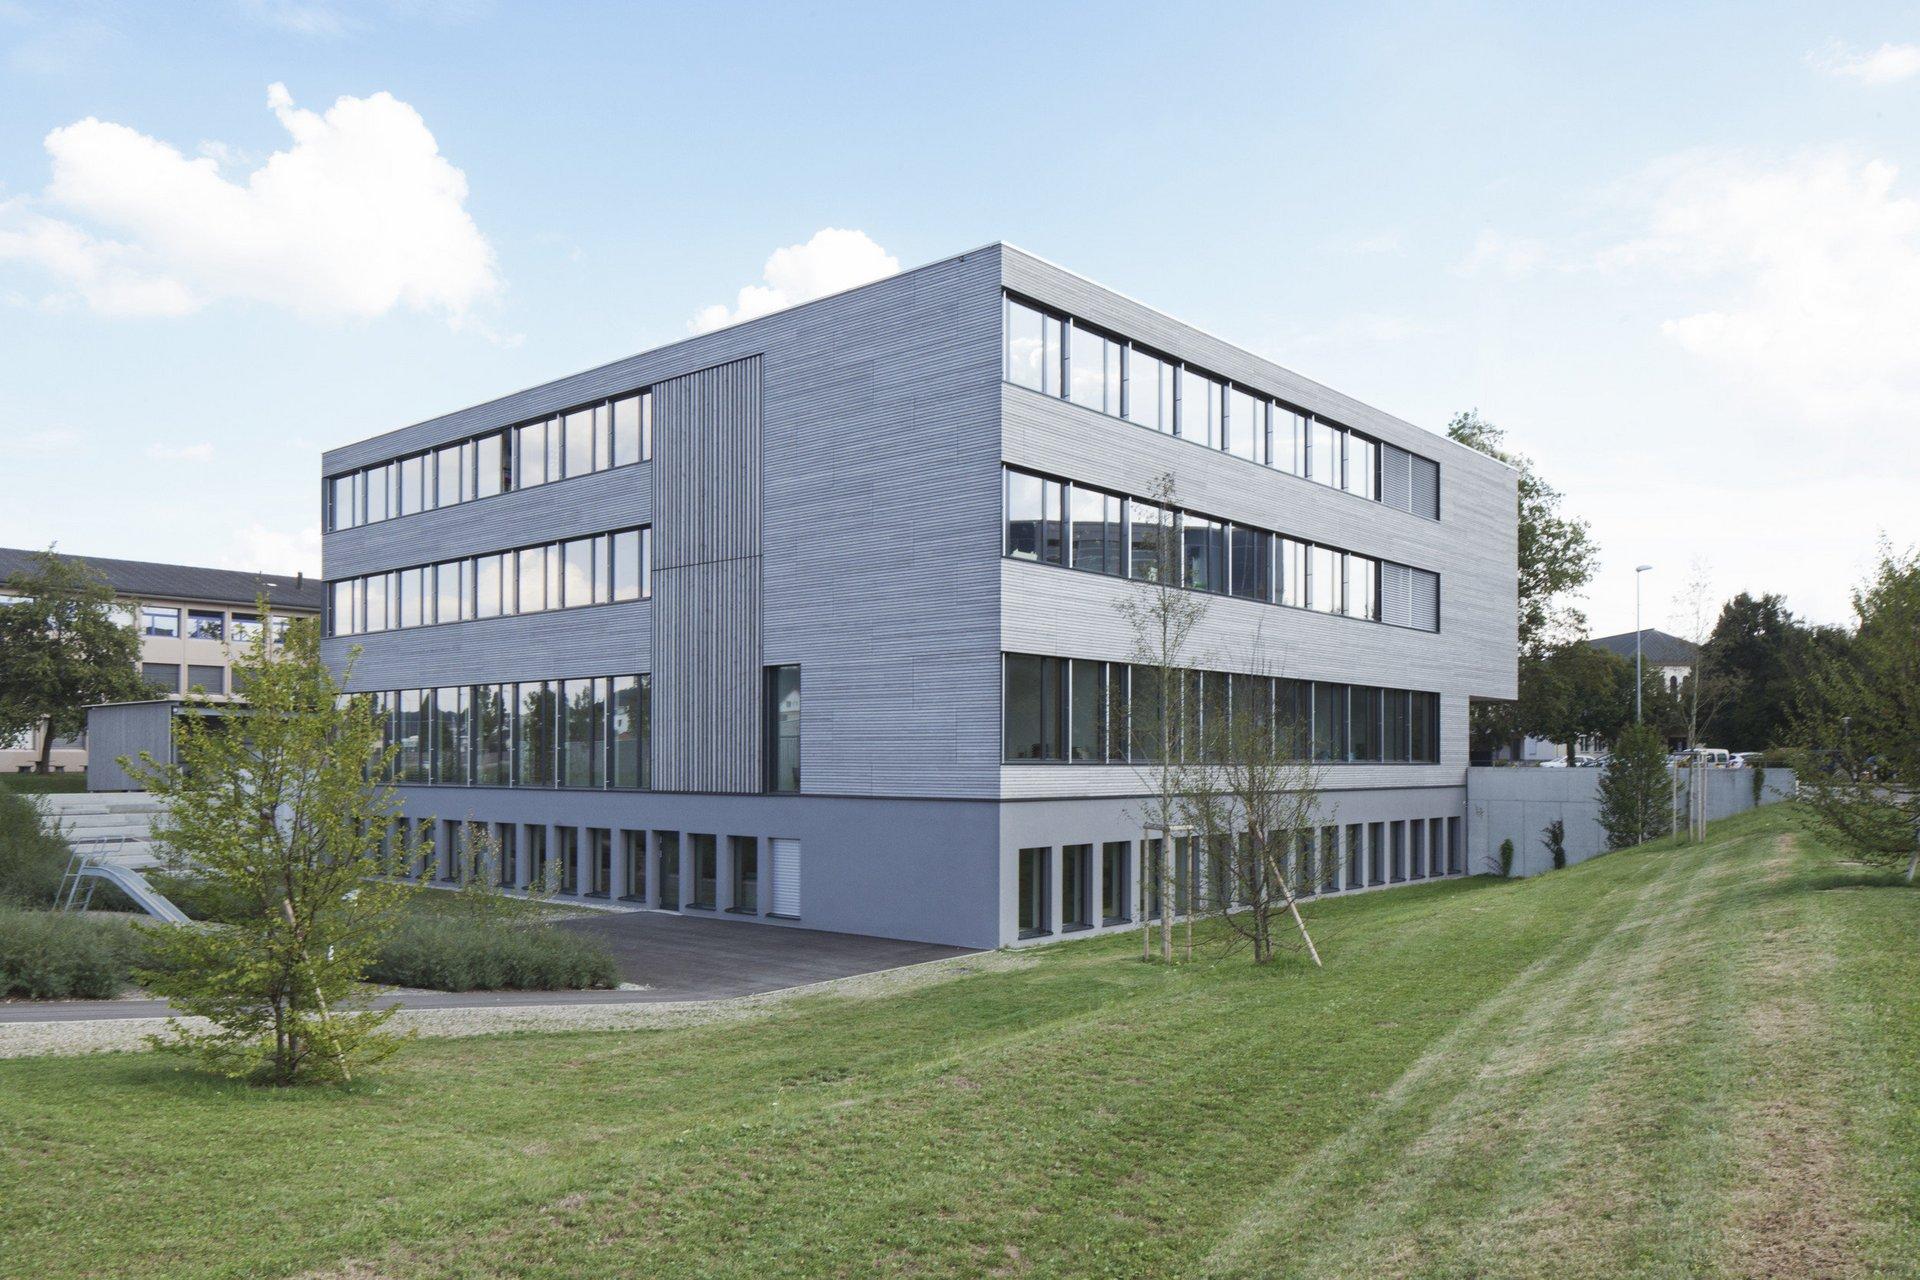 Bâtiment scolaire de 4 étages à façade de fenêtres généreuse